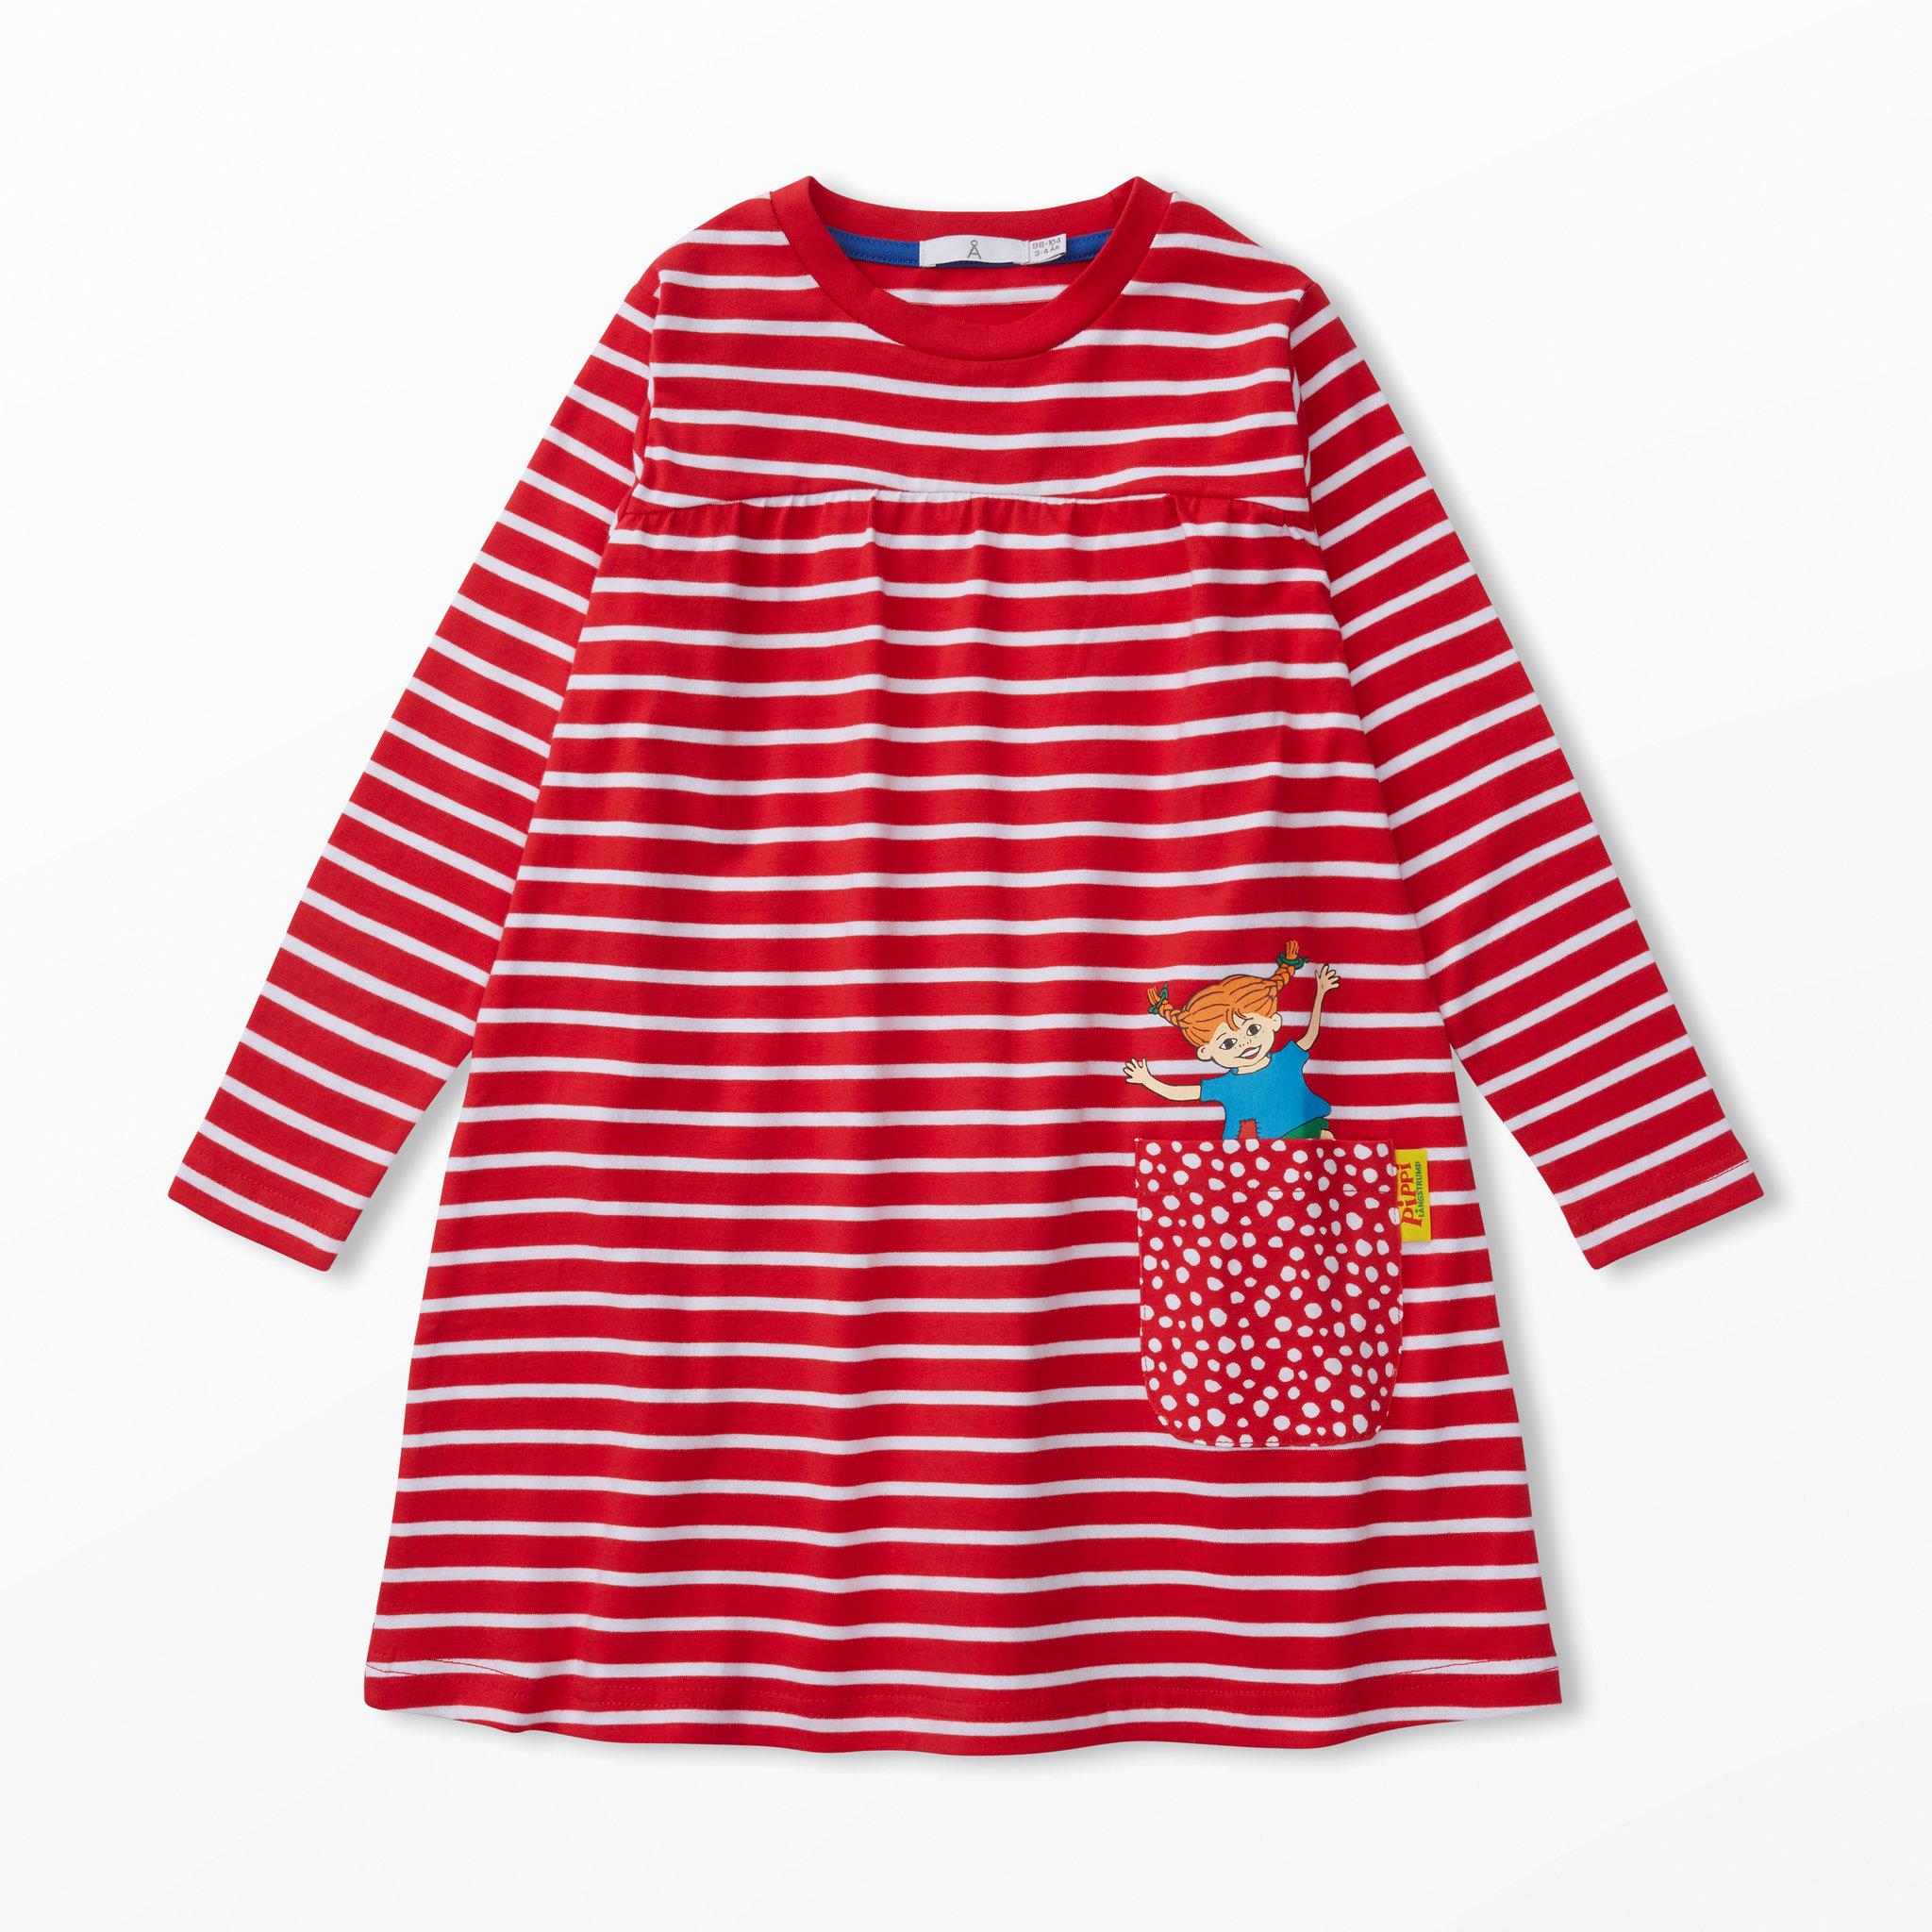 9b8b8bcaf0d0 Klänning Pippi Långstrump - Kläder - Köp online på åhlens.se!